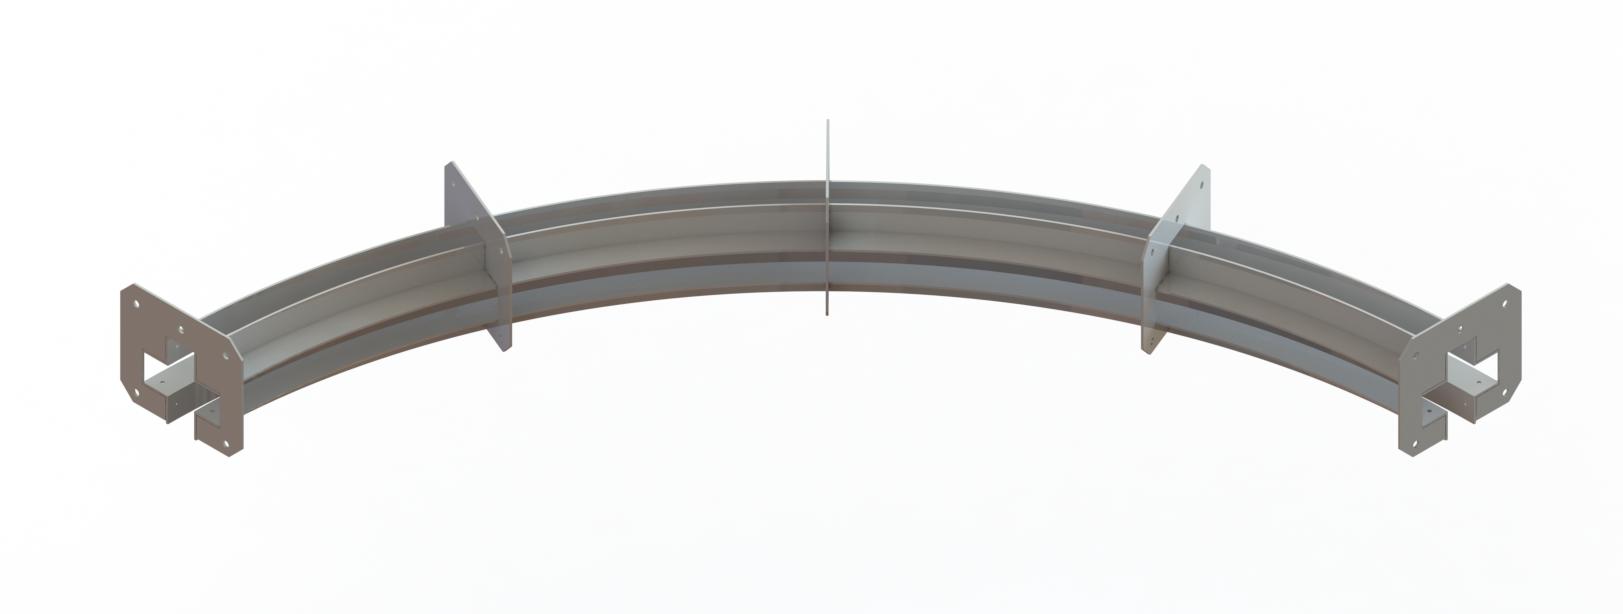 Поворотный рельс конвейера